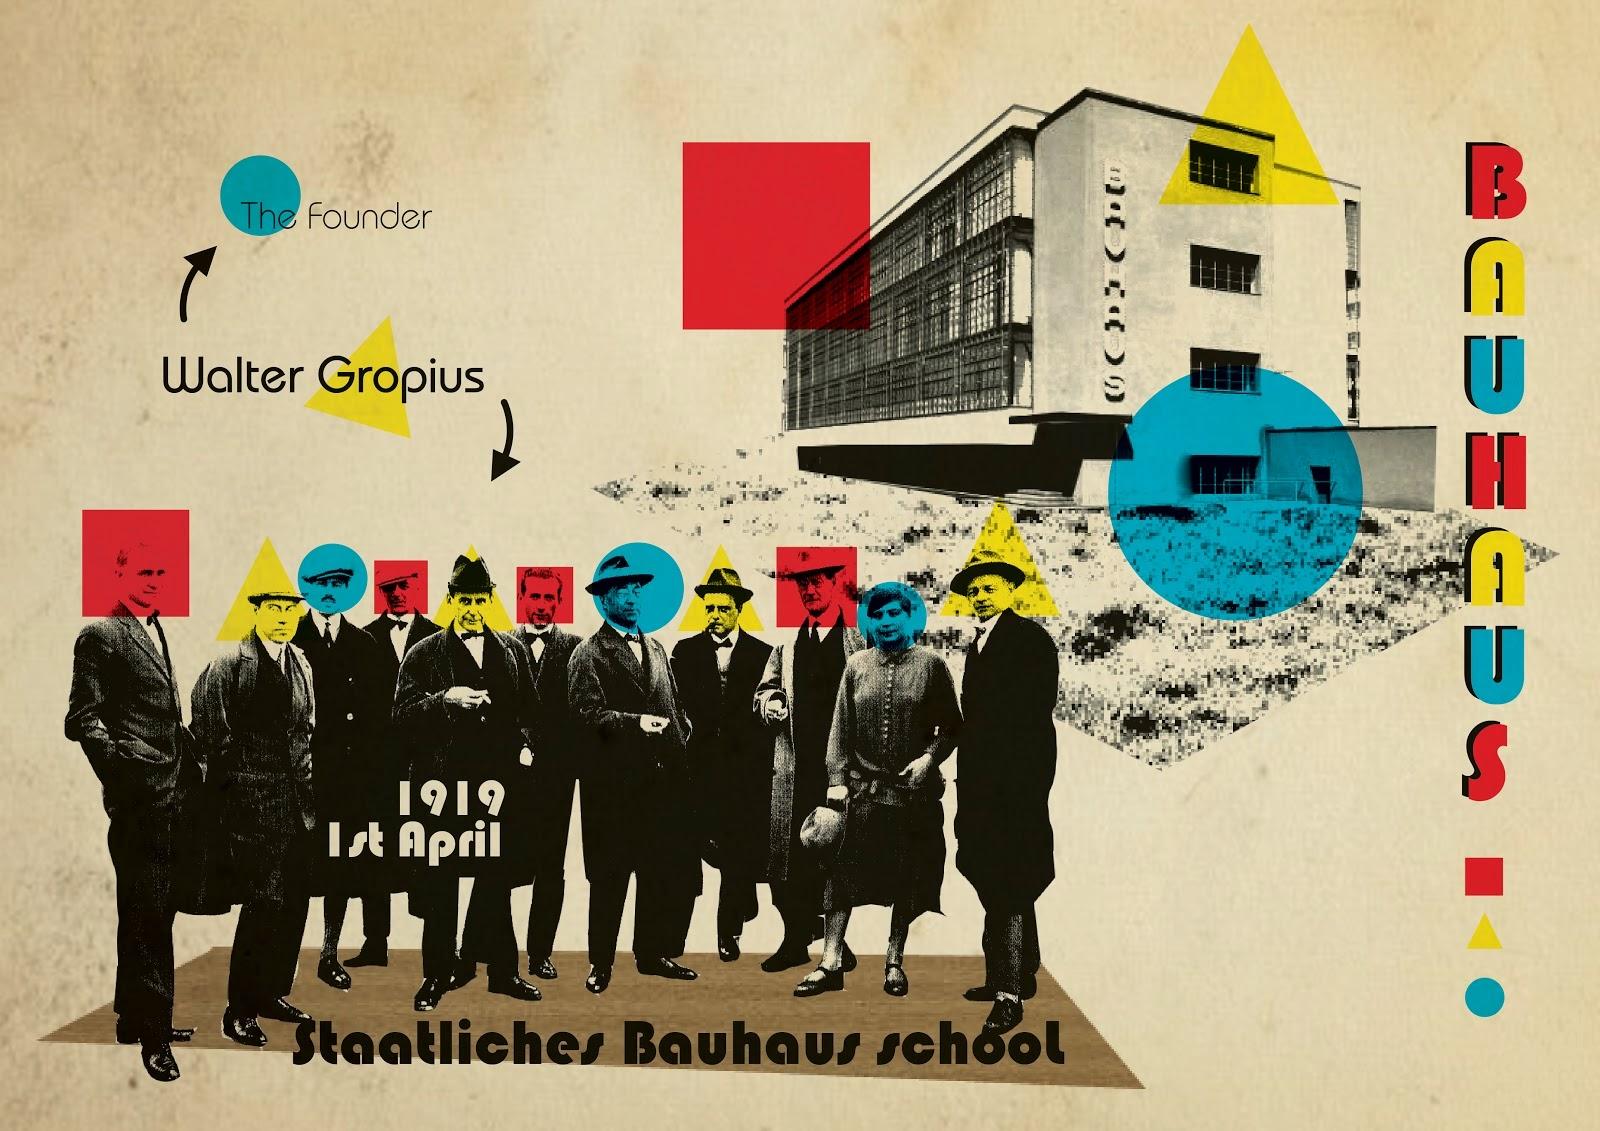 Staatliches Bauhaus School